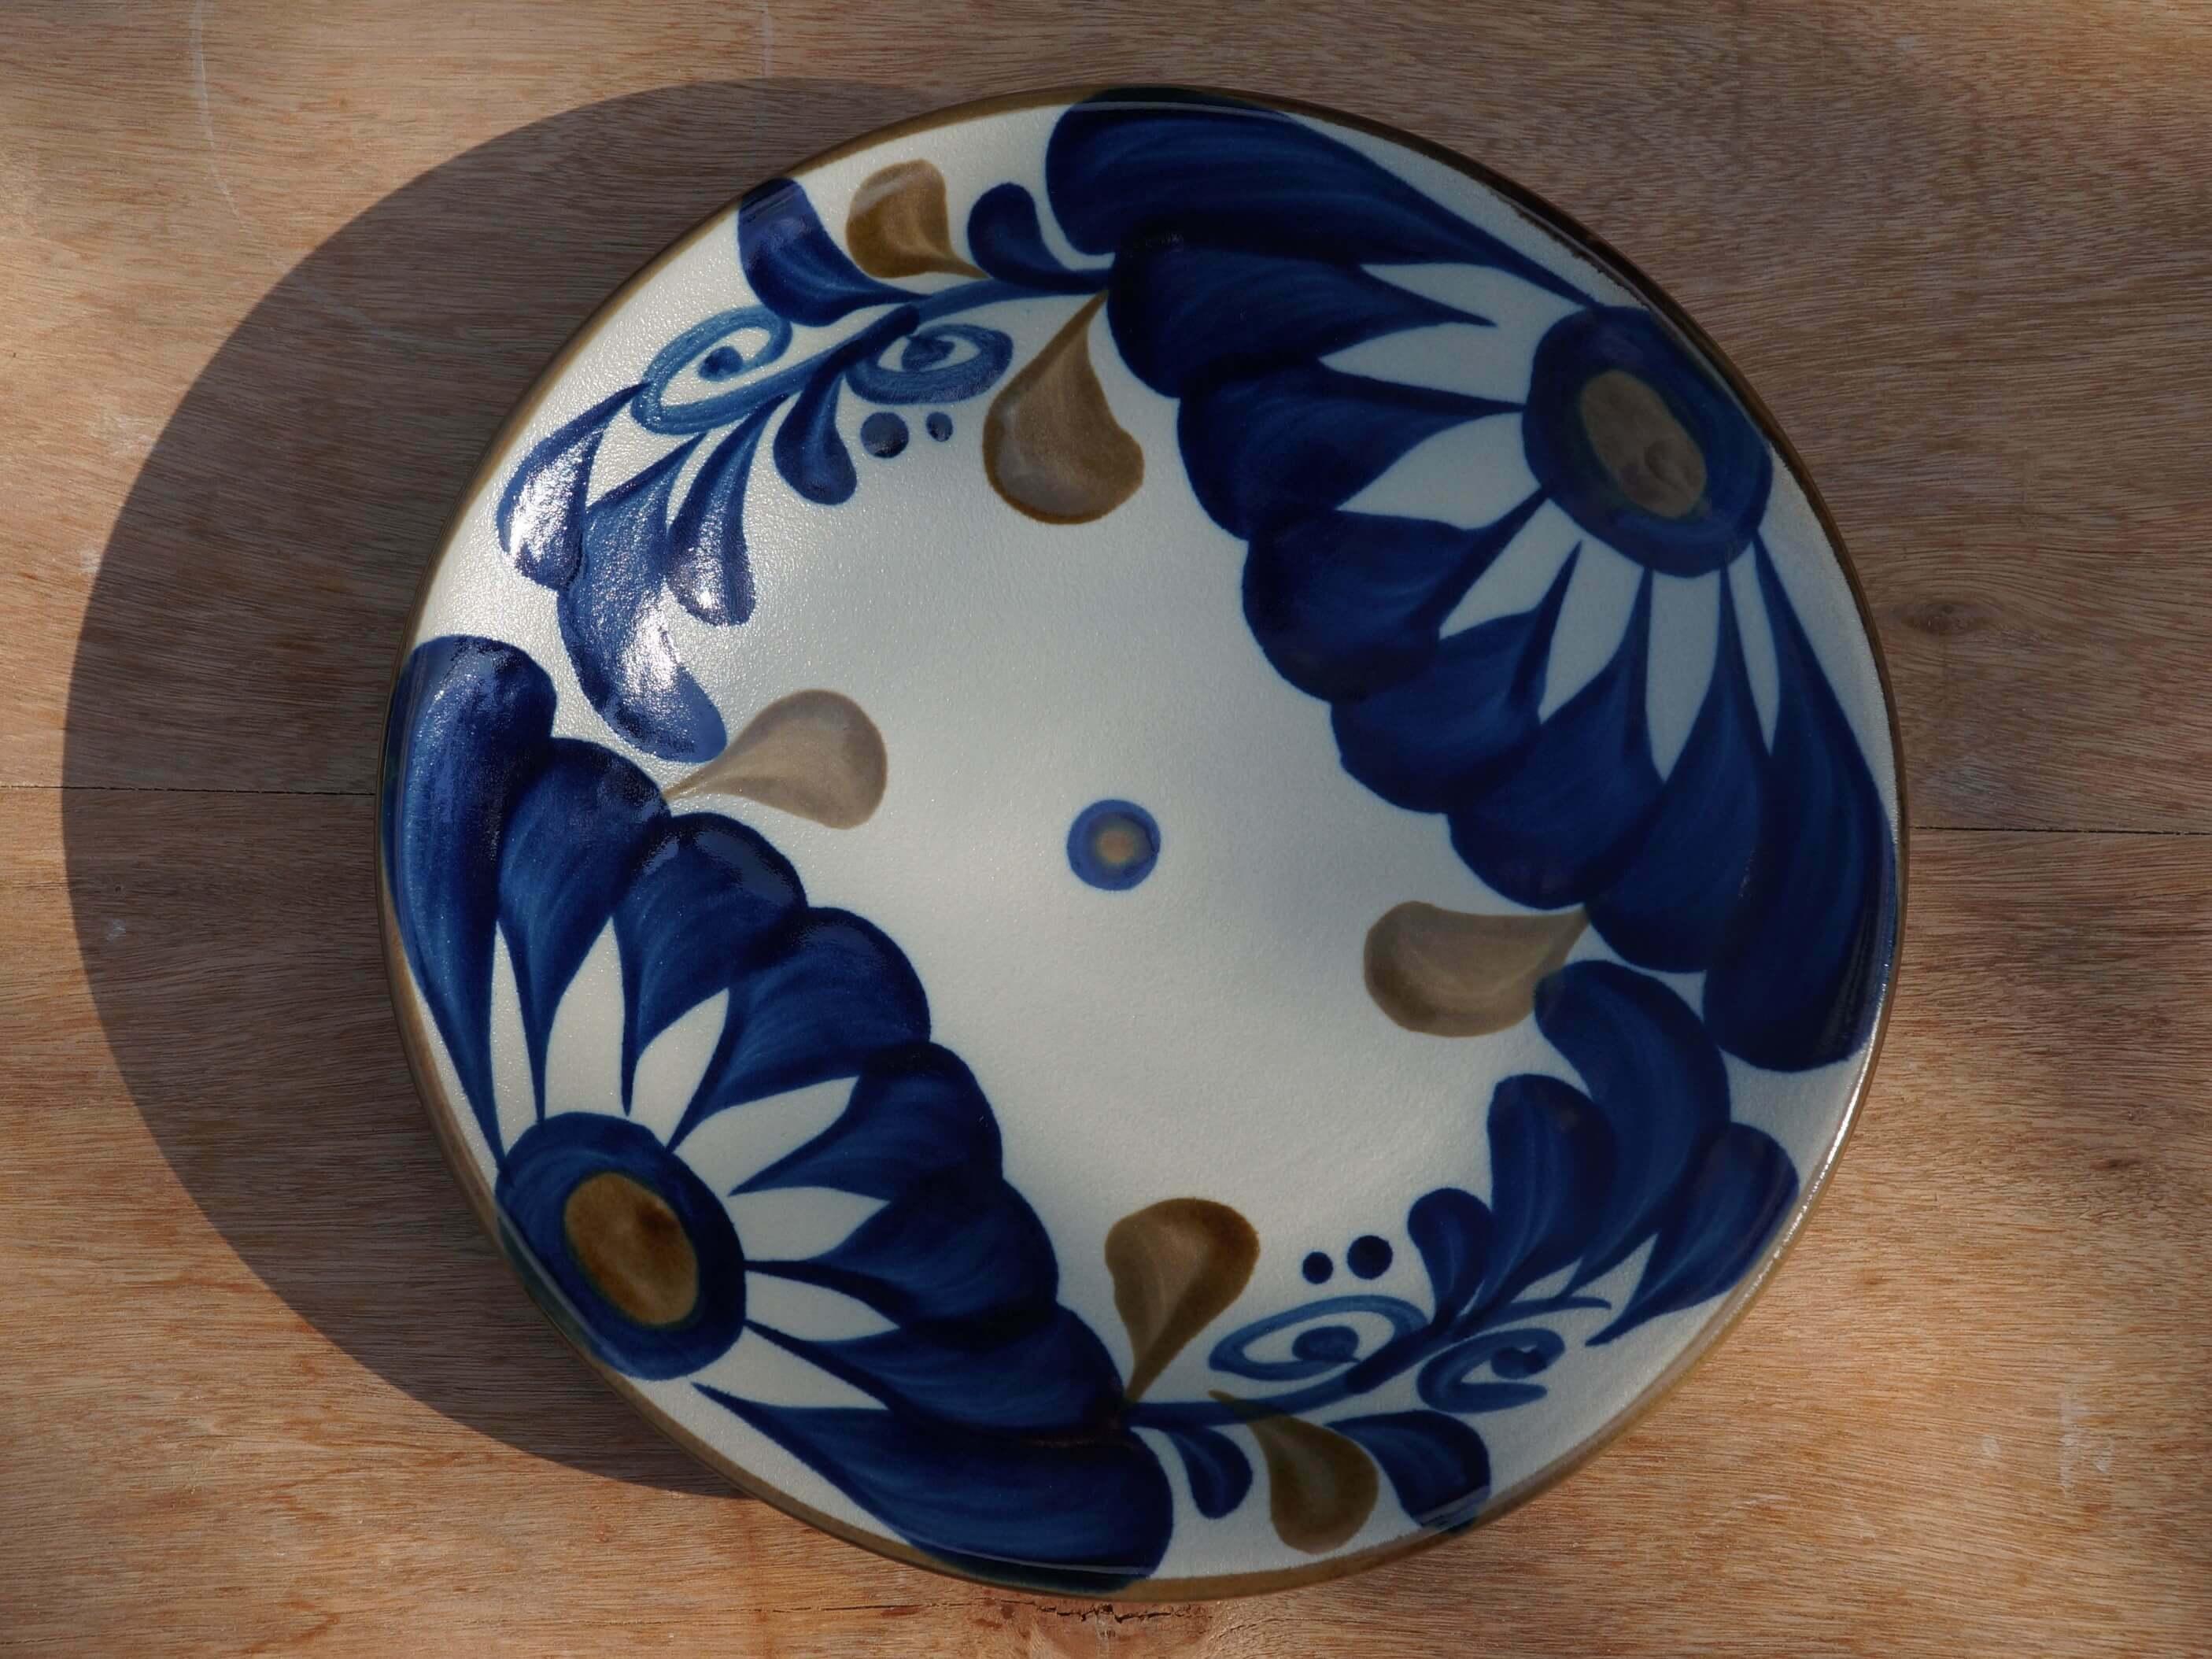 コバルトが鮮やかな唐草7寸皿(約21cm) ヤチムン大城工房 大城雅史 やちむん